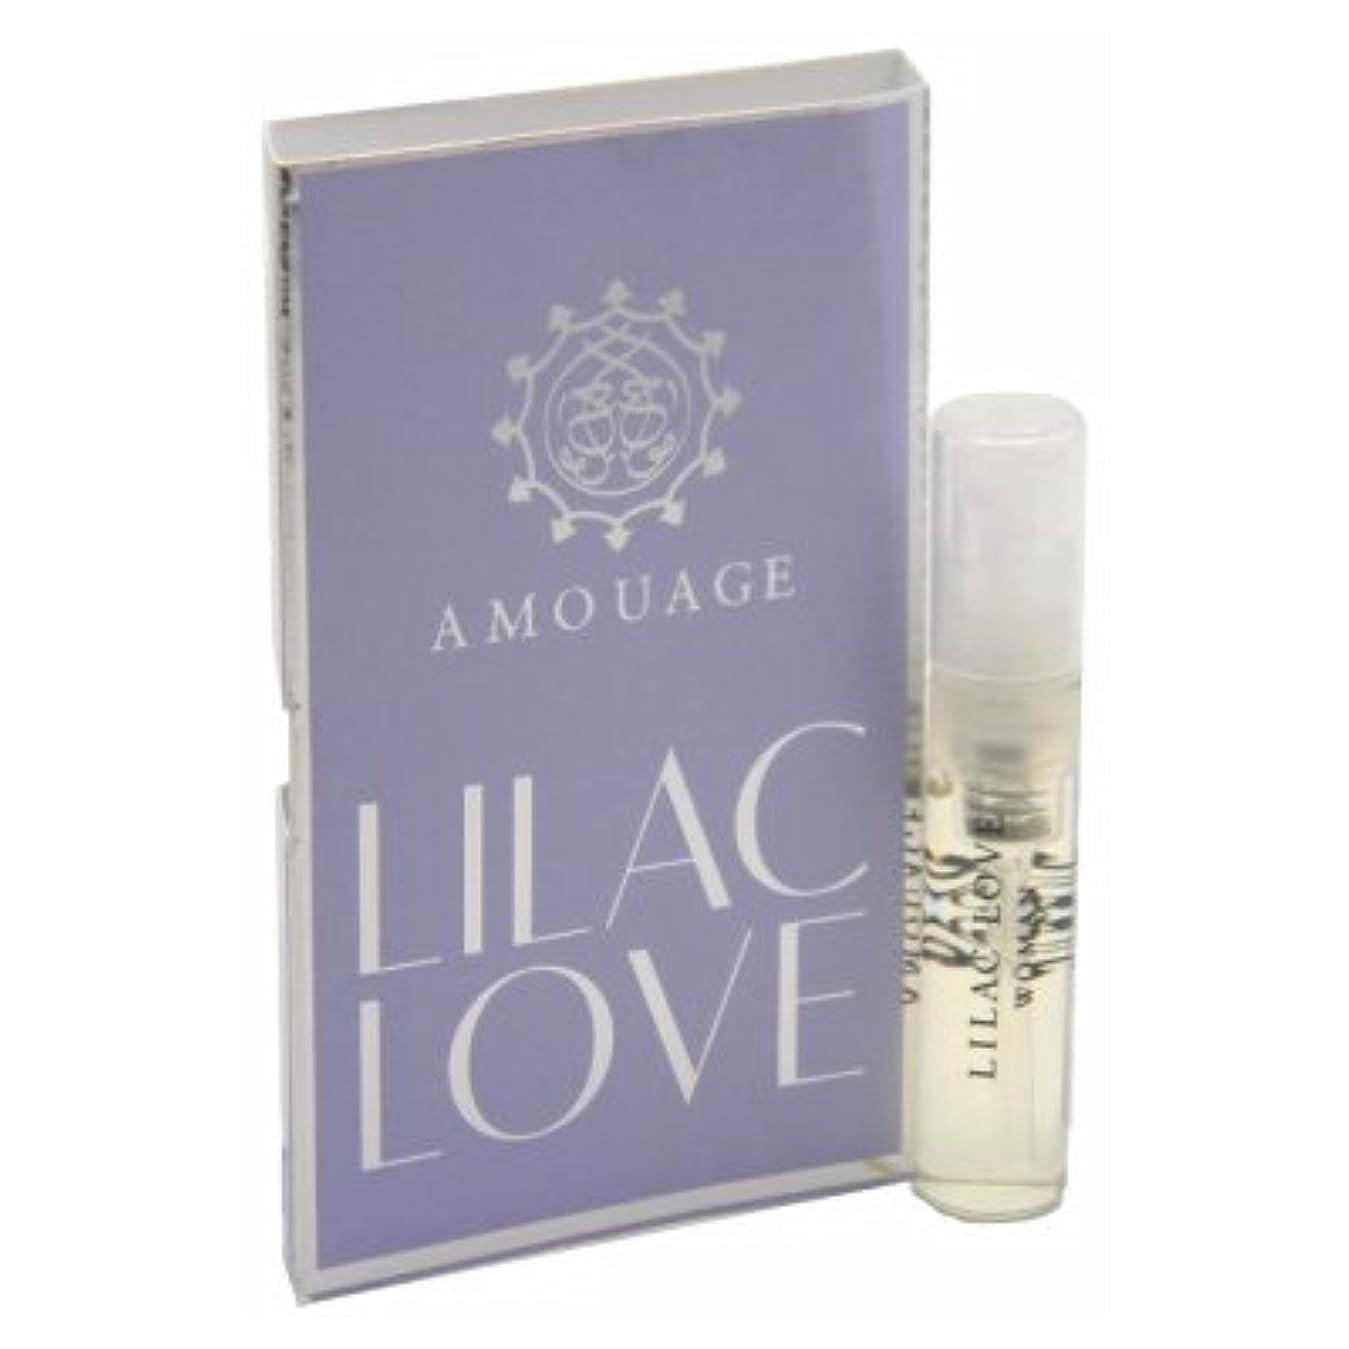 鉛筆ボイド期待してAmouage Lilac Love EDP Woman Vial Sample 2ml(アムアージュ ライラック ラブ ウーマン オードパルファン 2ml)[海外直送品] [並行輸入品]